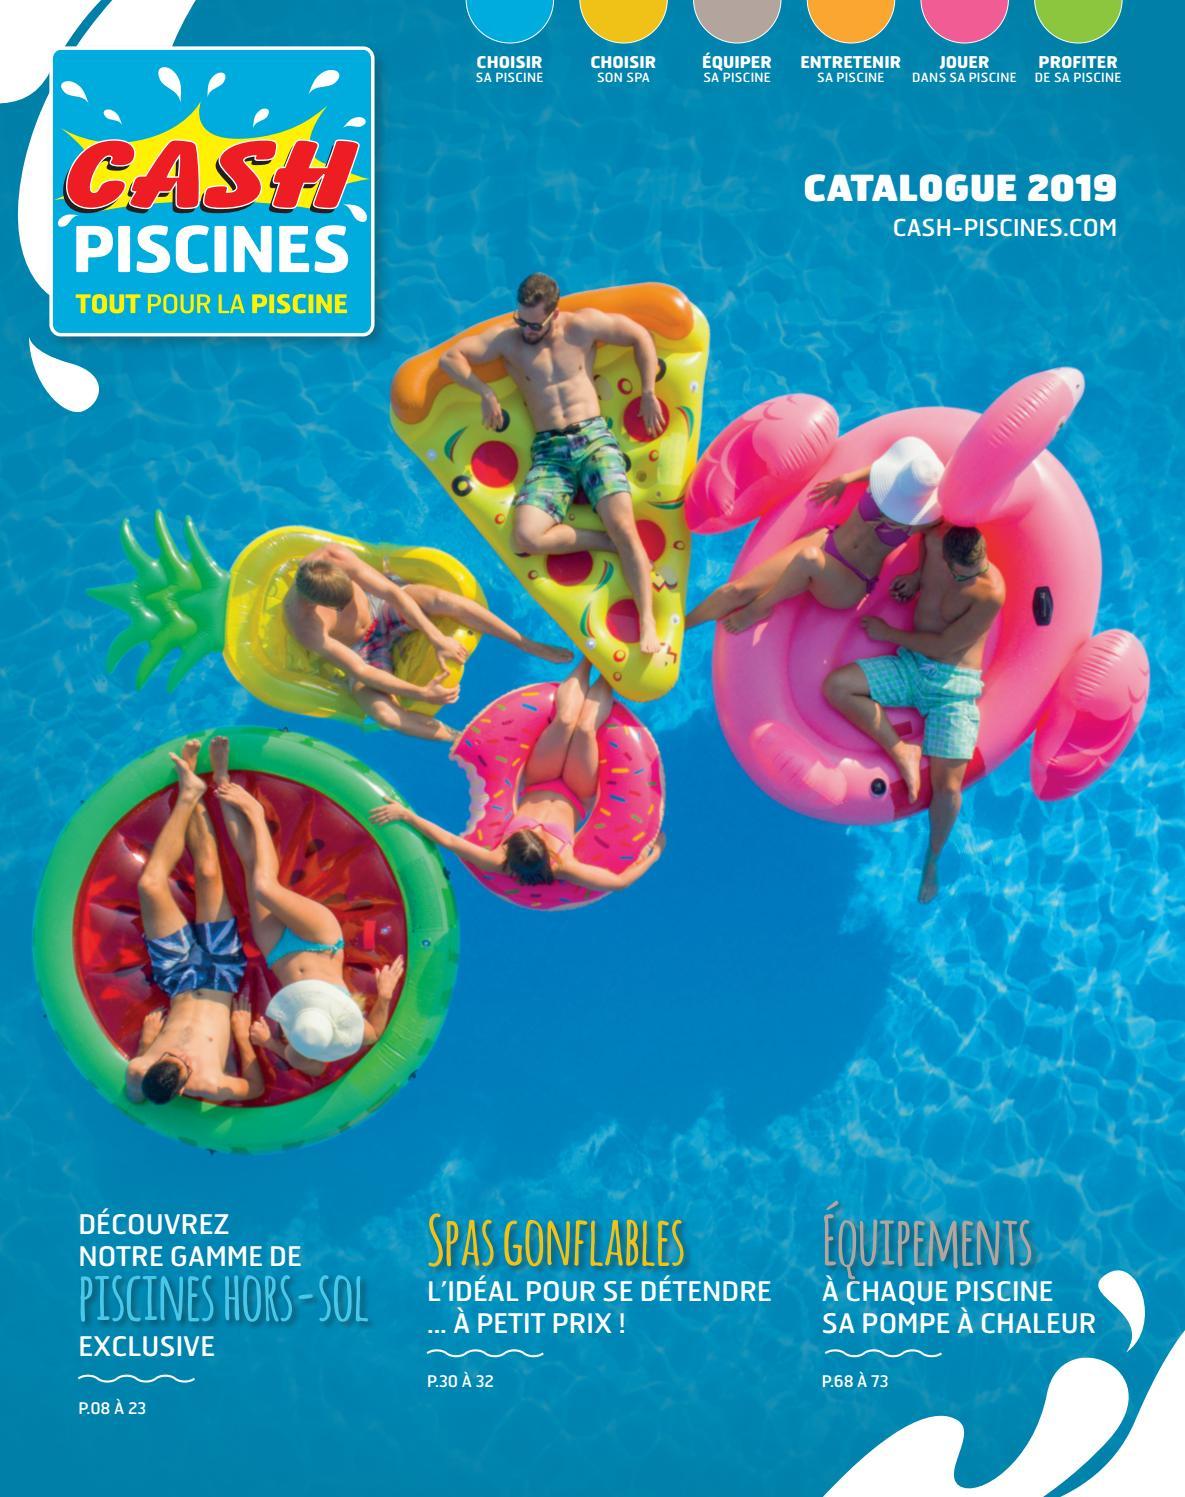 Catalogue Cash Piscines 2019 By Cashpiscines2 - Issuu concernant Cash Piscine Saint Jean De Vedas